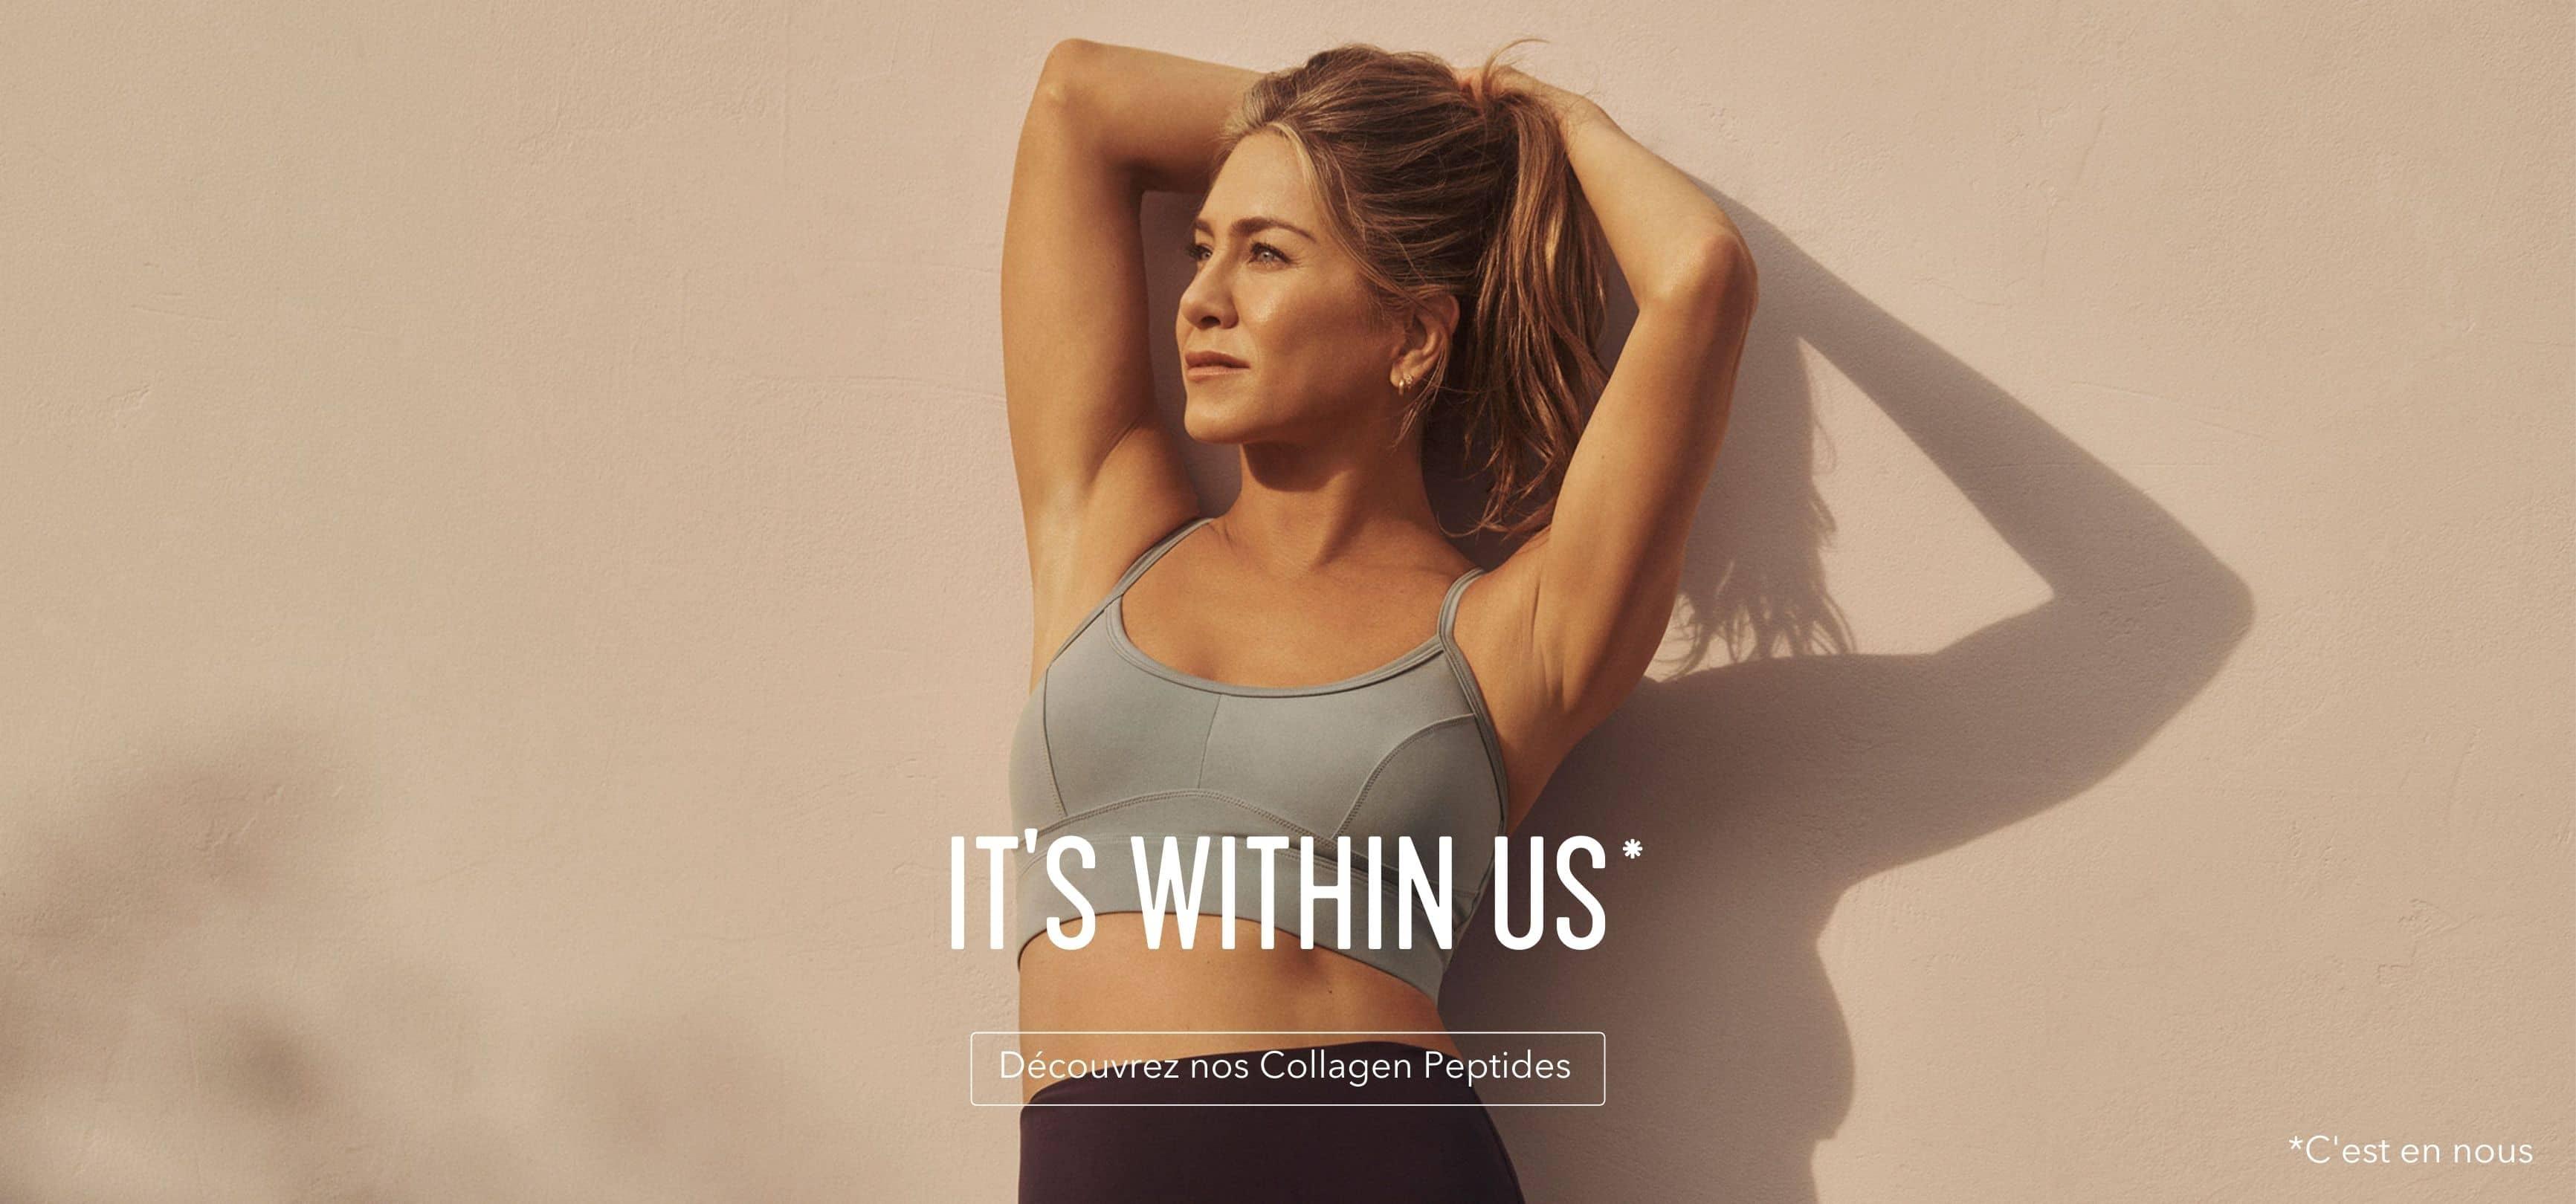 C'est en nous. Découvrez nos Collagen Peptides